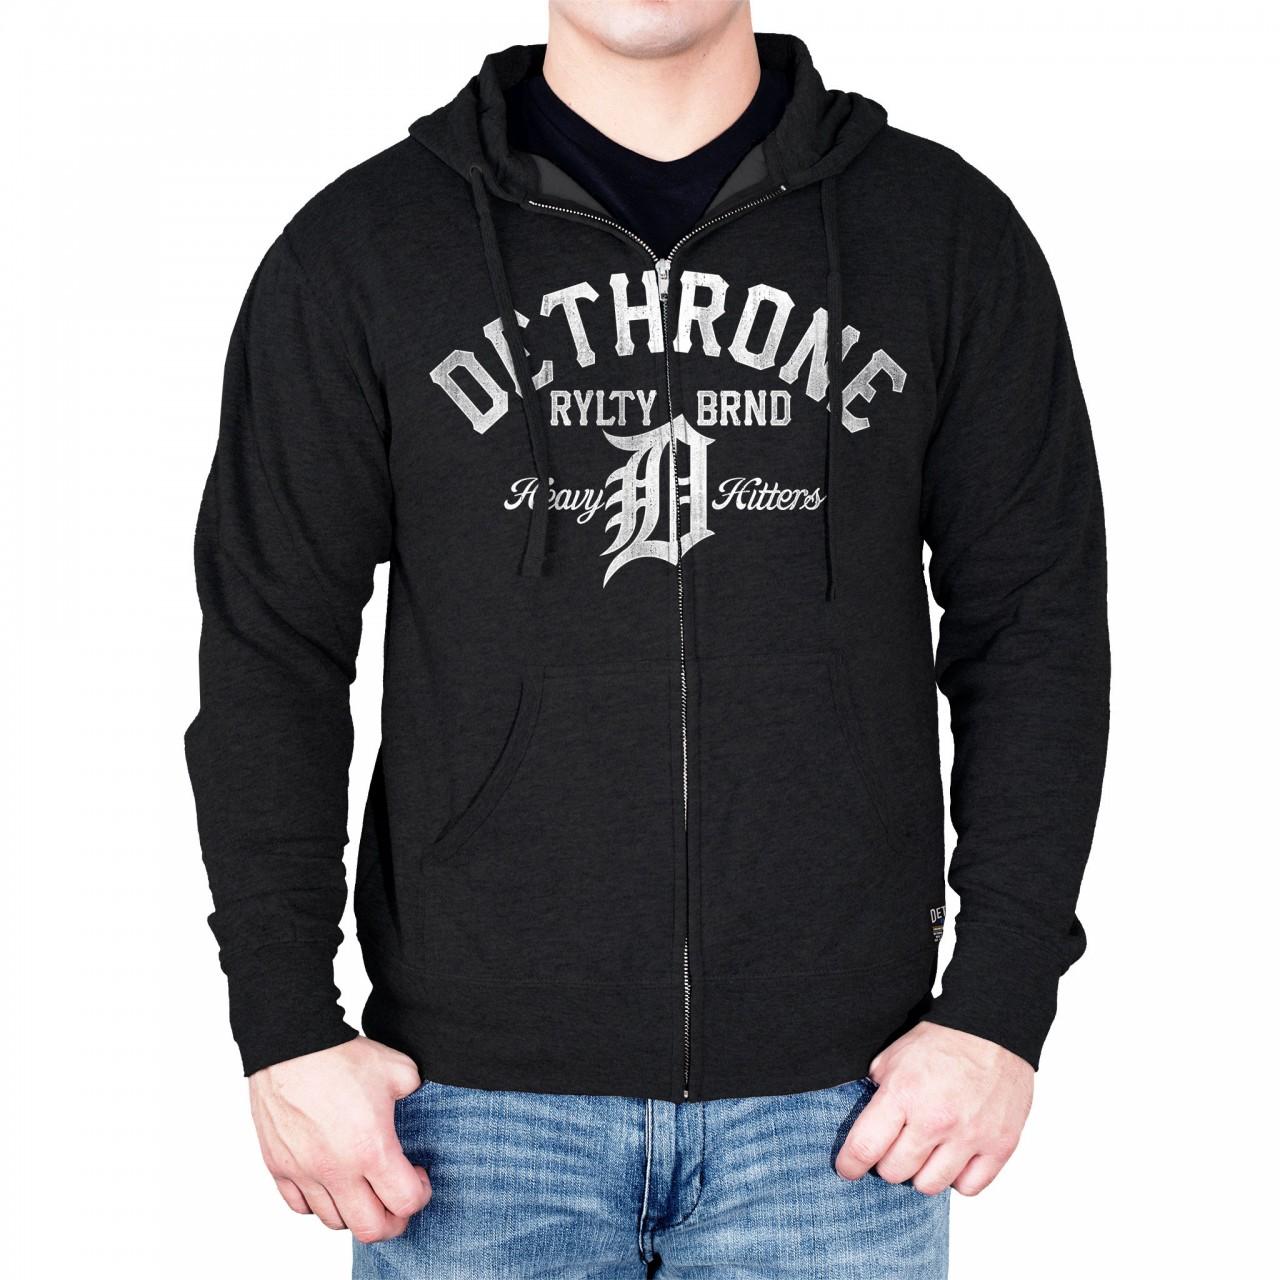 Dethrone Heavy Hitters hoodie - Charcoal